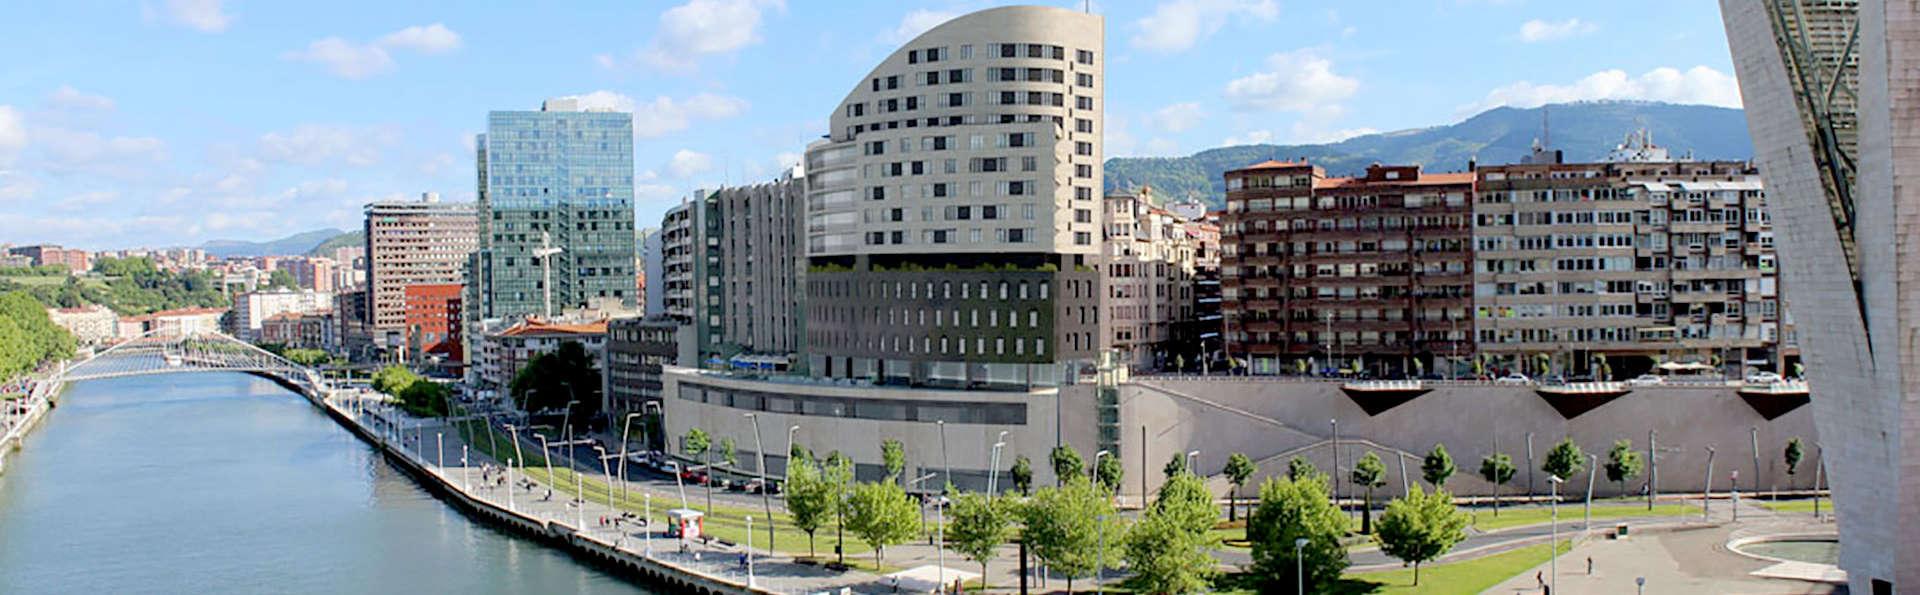 Découvrez Bilbao à deux pas du centre historique